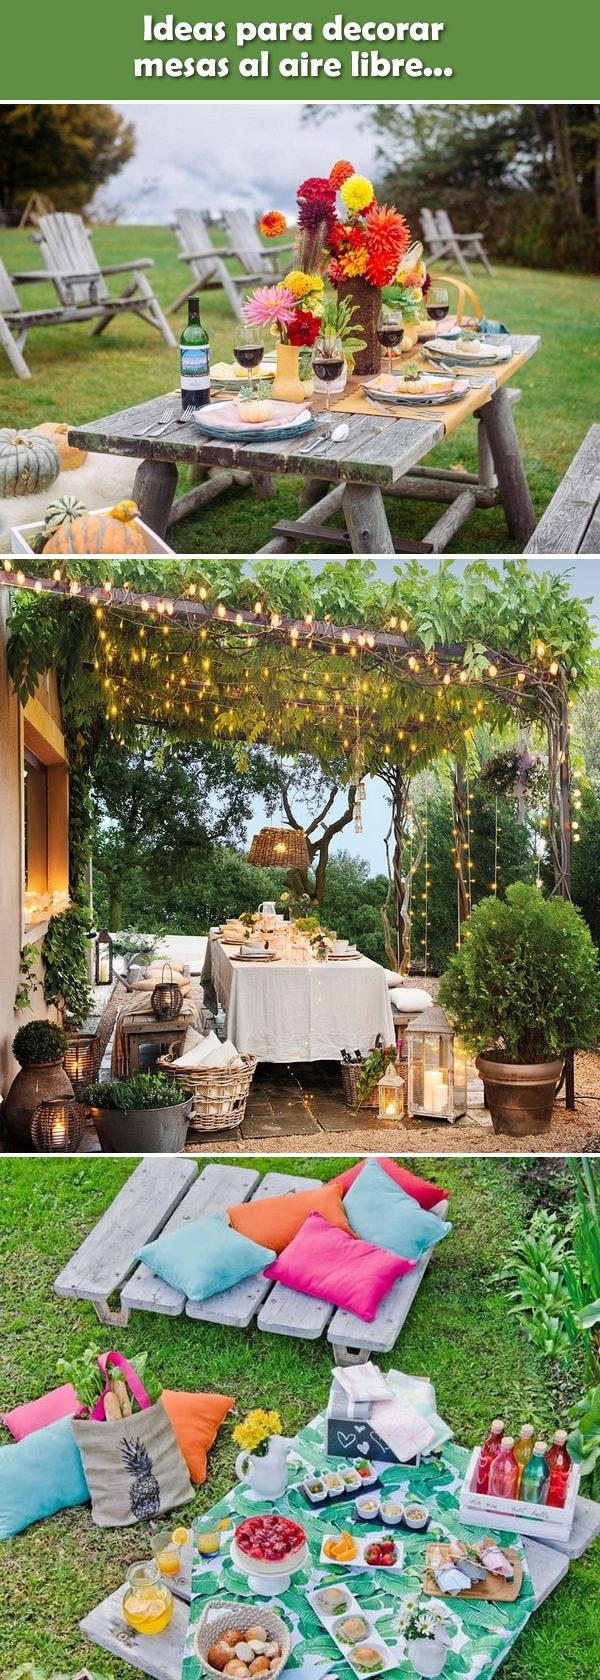 Ideas para decorar mesas al aire libre. Decoración de mesas para ...